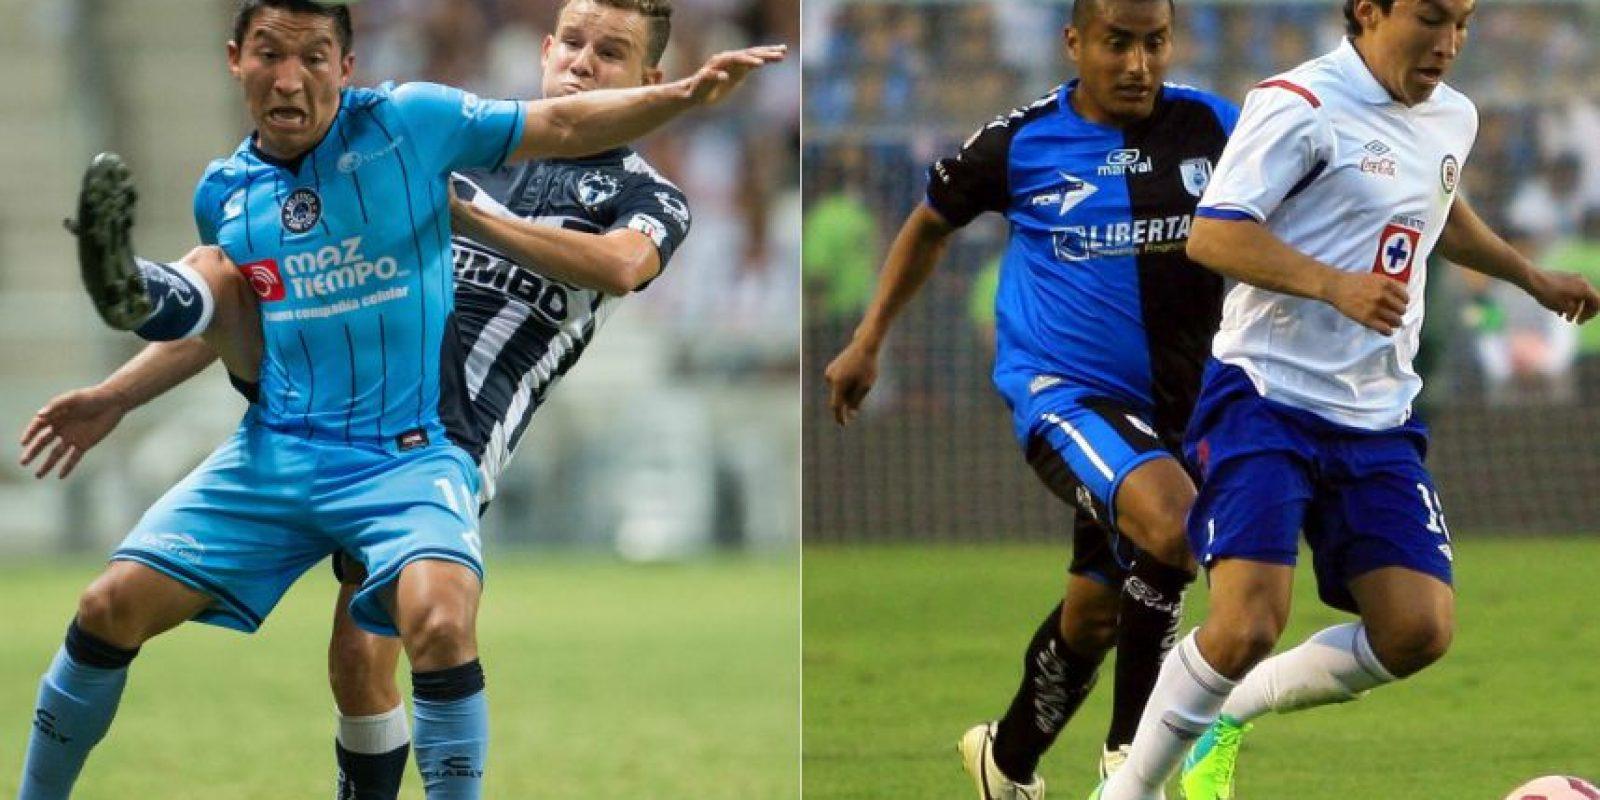 César Villaluz también fue parte de aquella generación dorada que ganó el título del mundo en 2005. Su paso por Cruz Azul fue intermitente y se quedó en promesa, hoy es jugador del San Luis. Foto:Mexsport